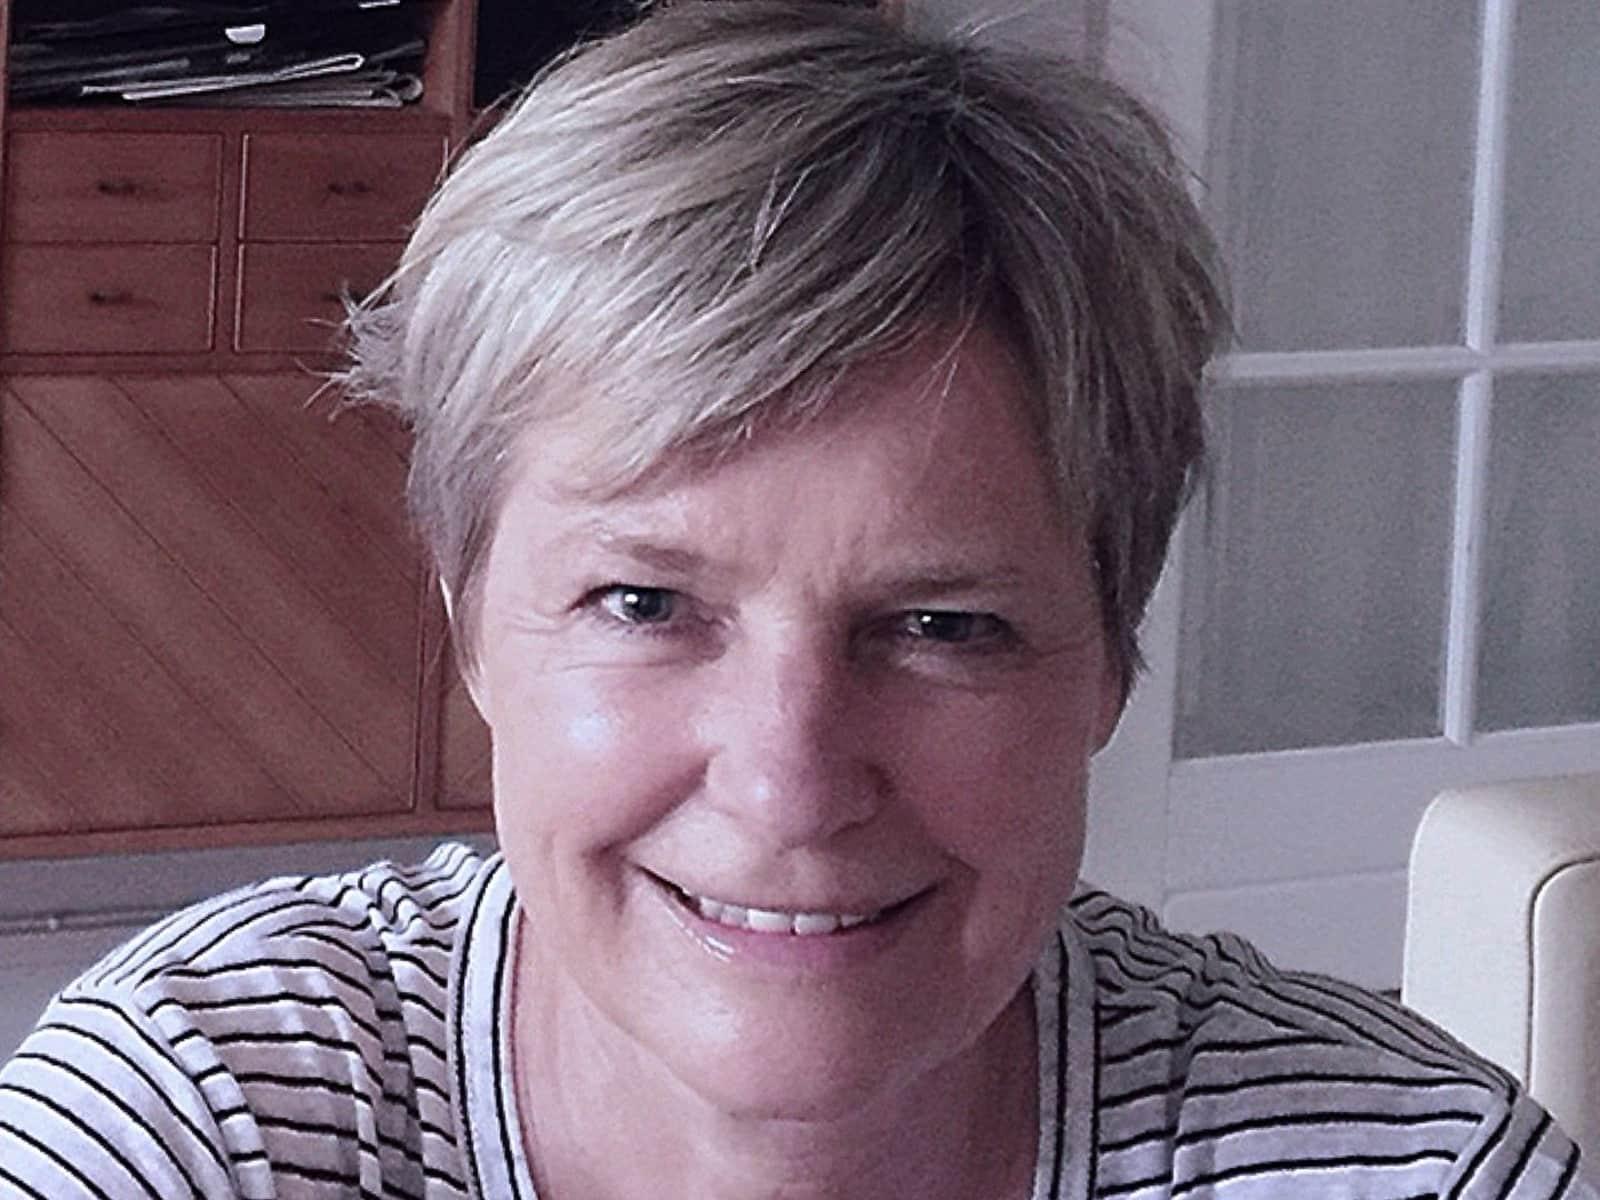 Inger marie from Copenhagen, Denmark